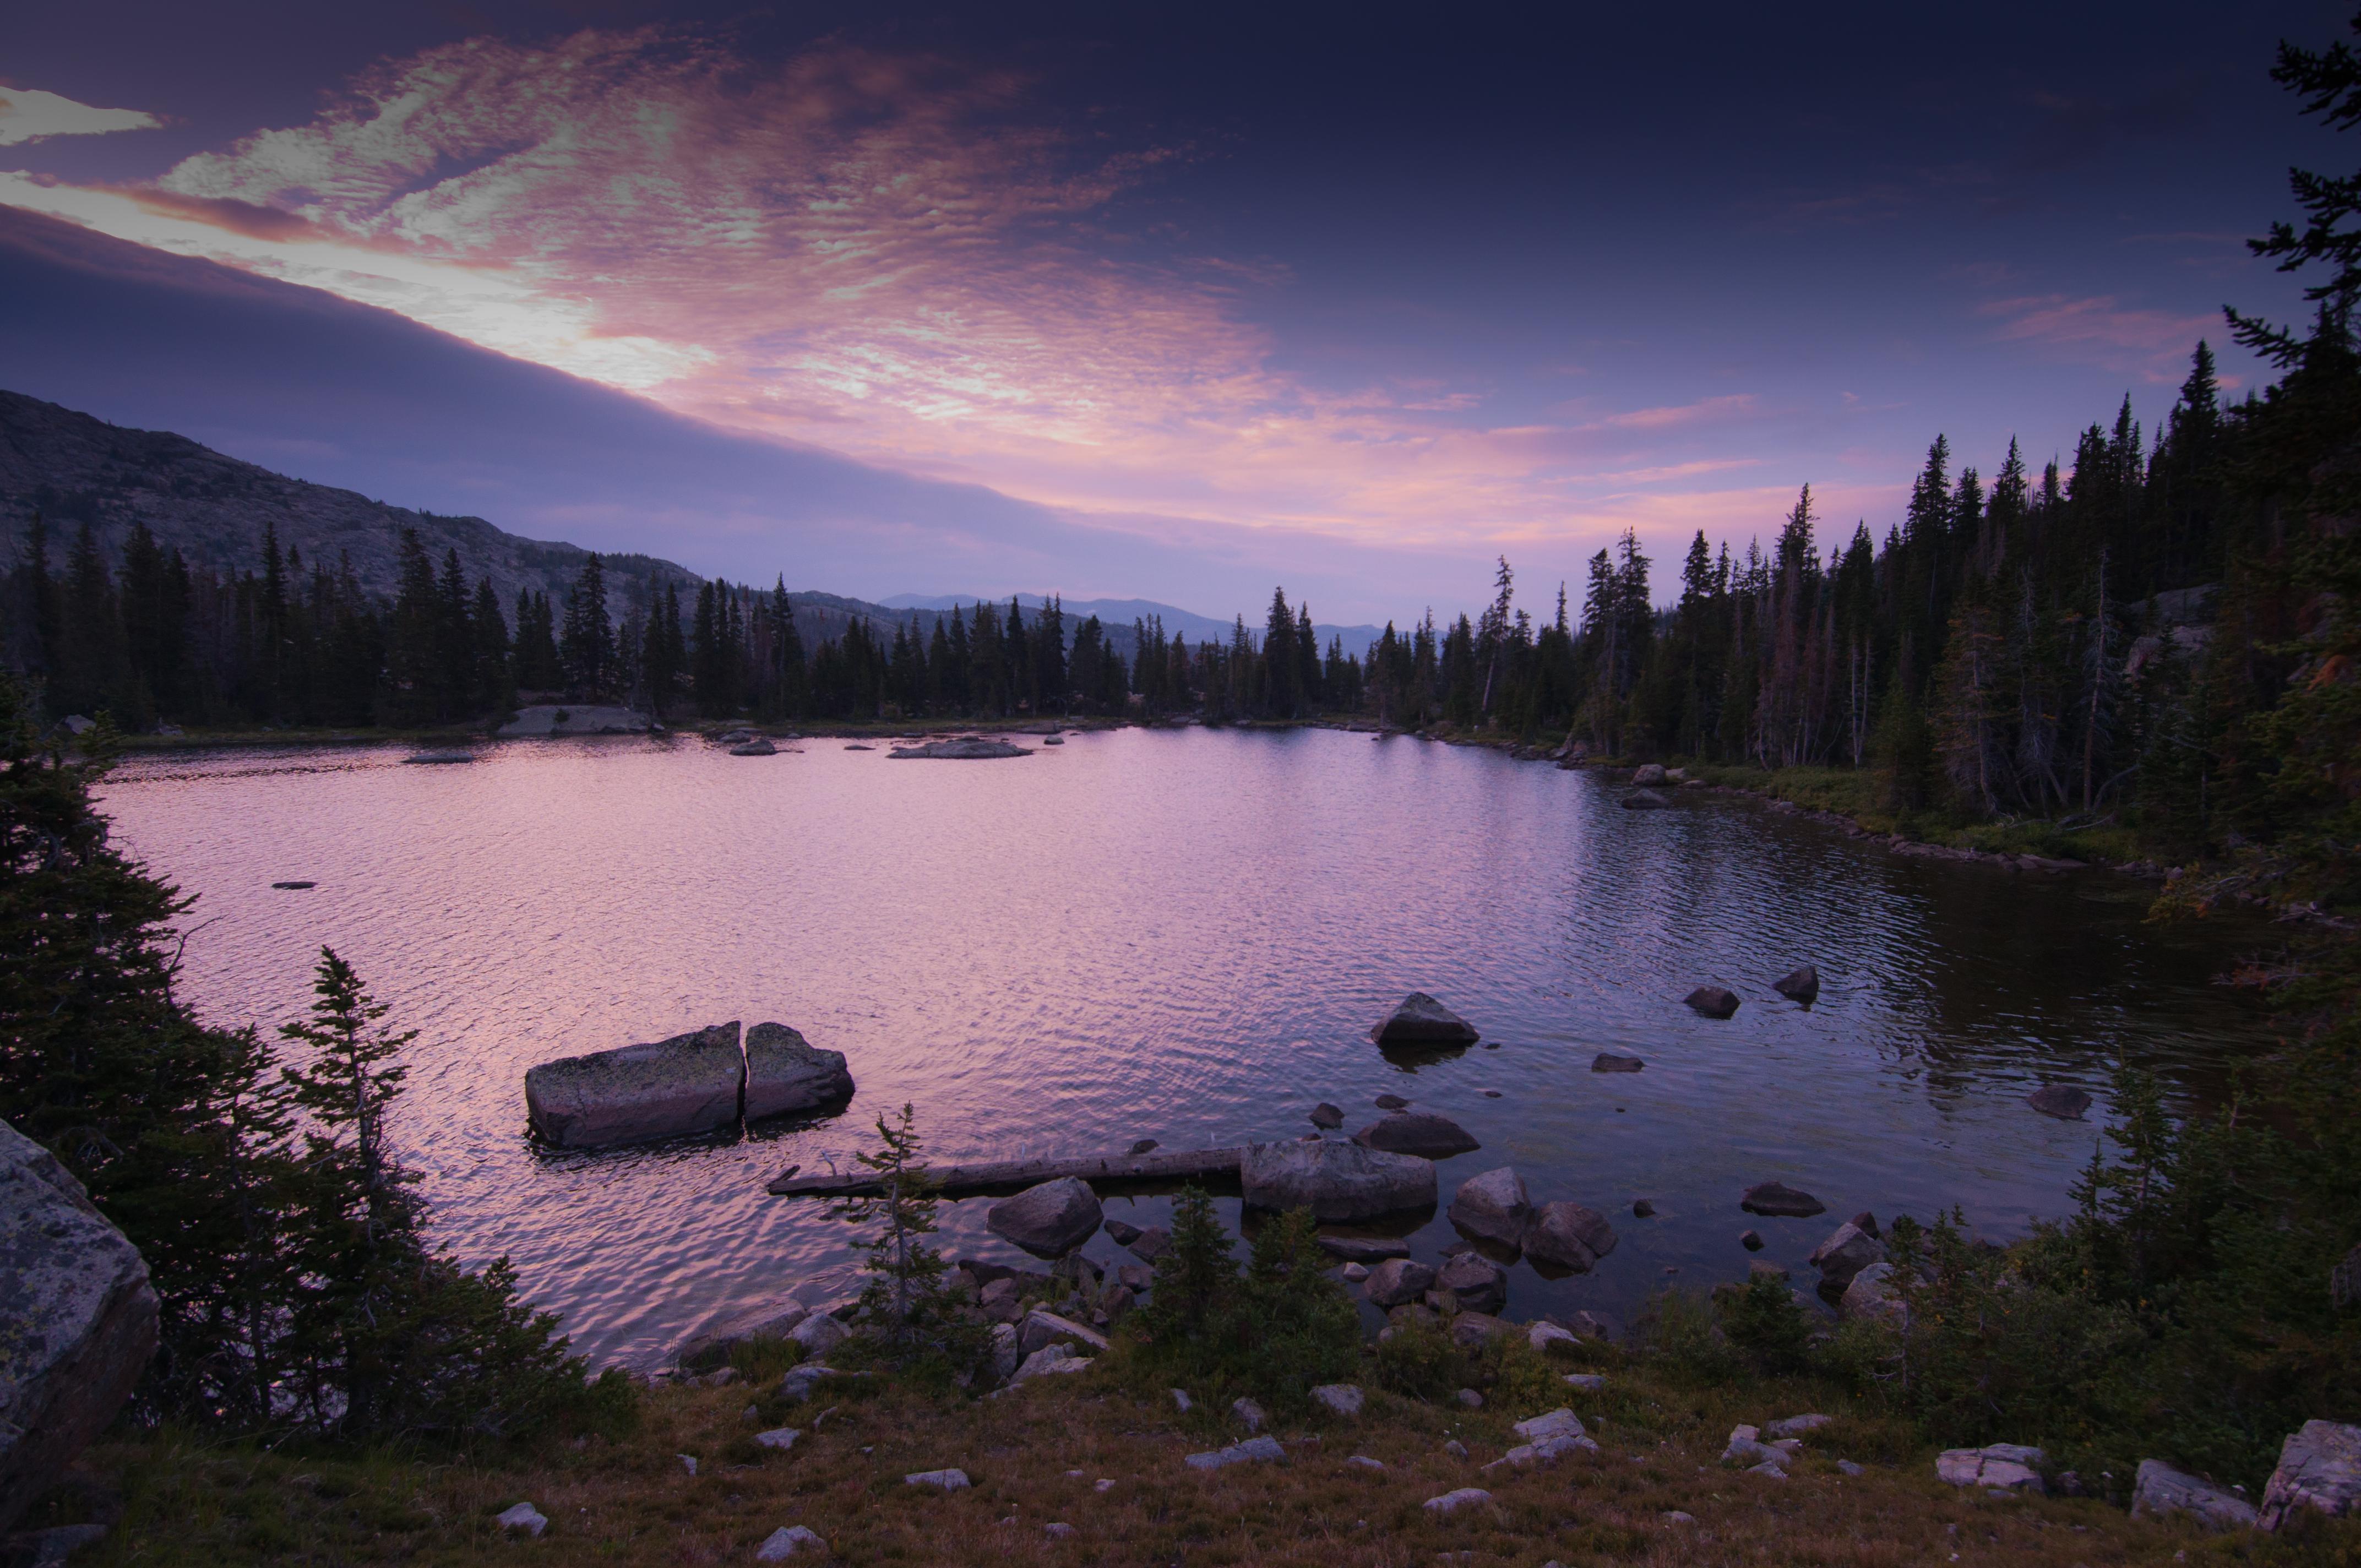 アメリカ合衆国 〒 ワイオミング州 ビッグホーン山脈日の出日の入り時間